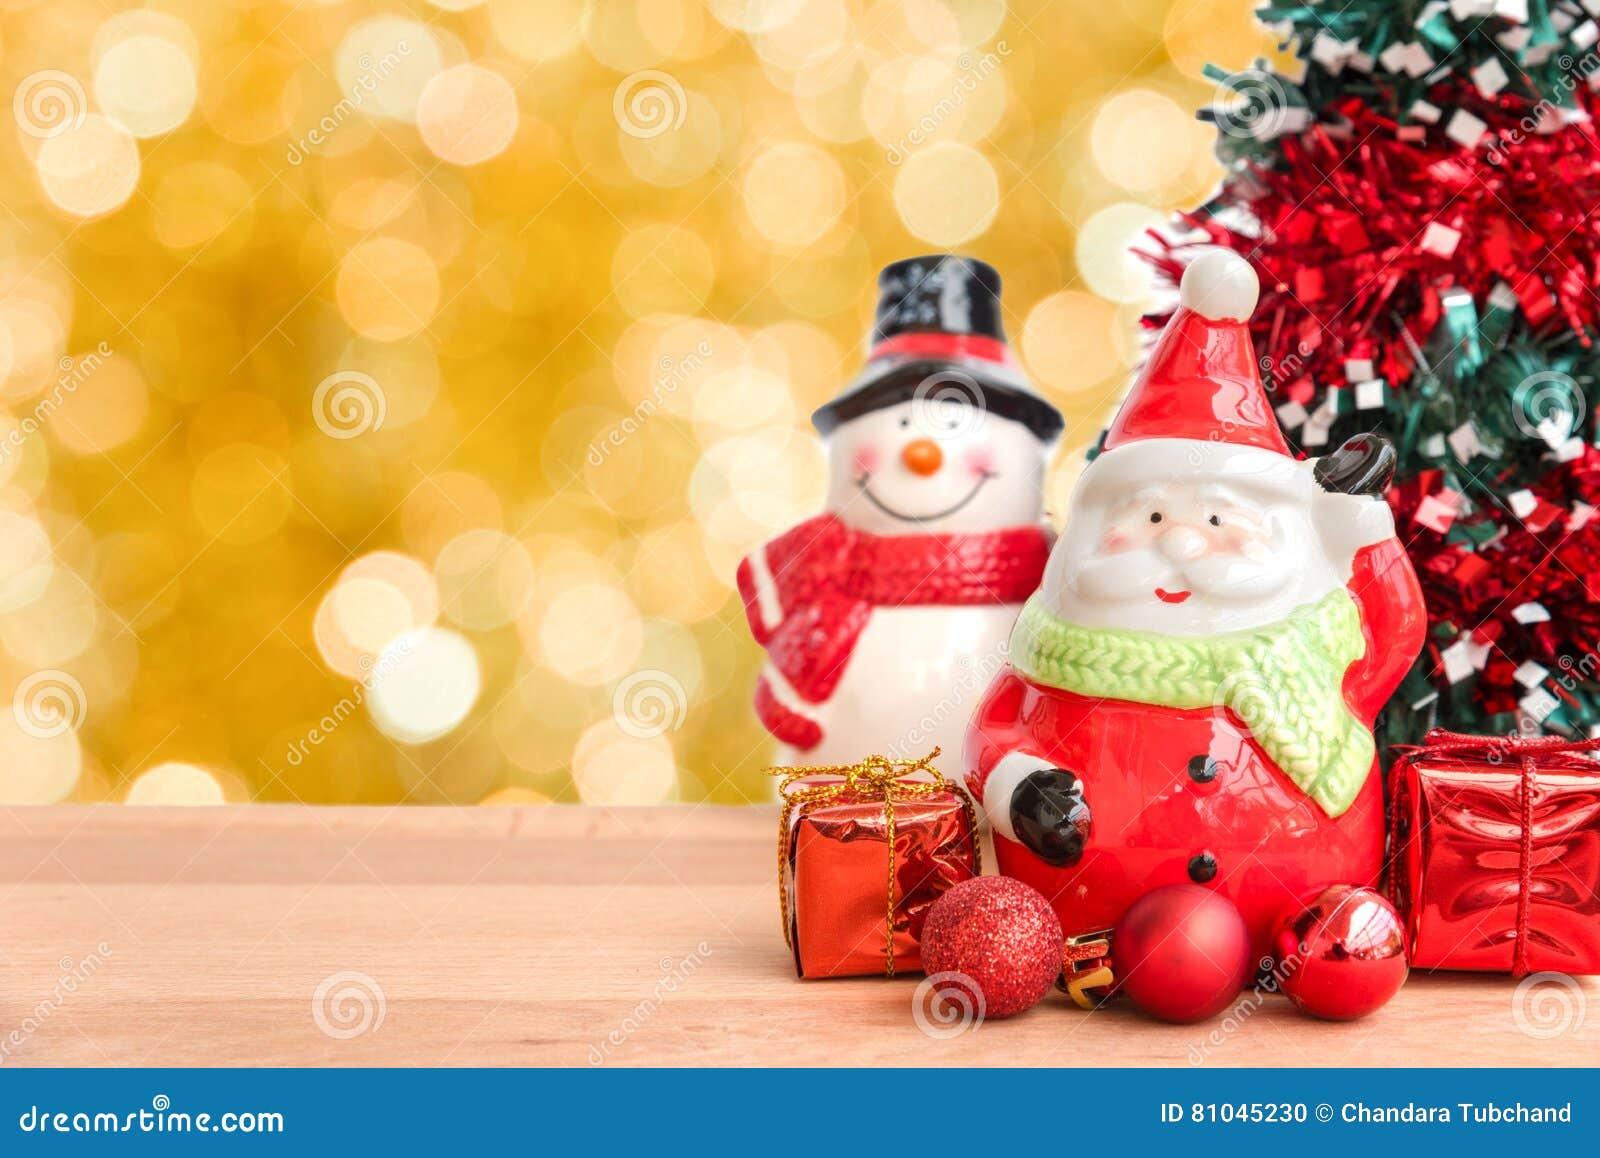 Giorno Di Natale.Il Babbo Natale E Pupazzo Di Neve Per Il Giorno Di Natale